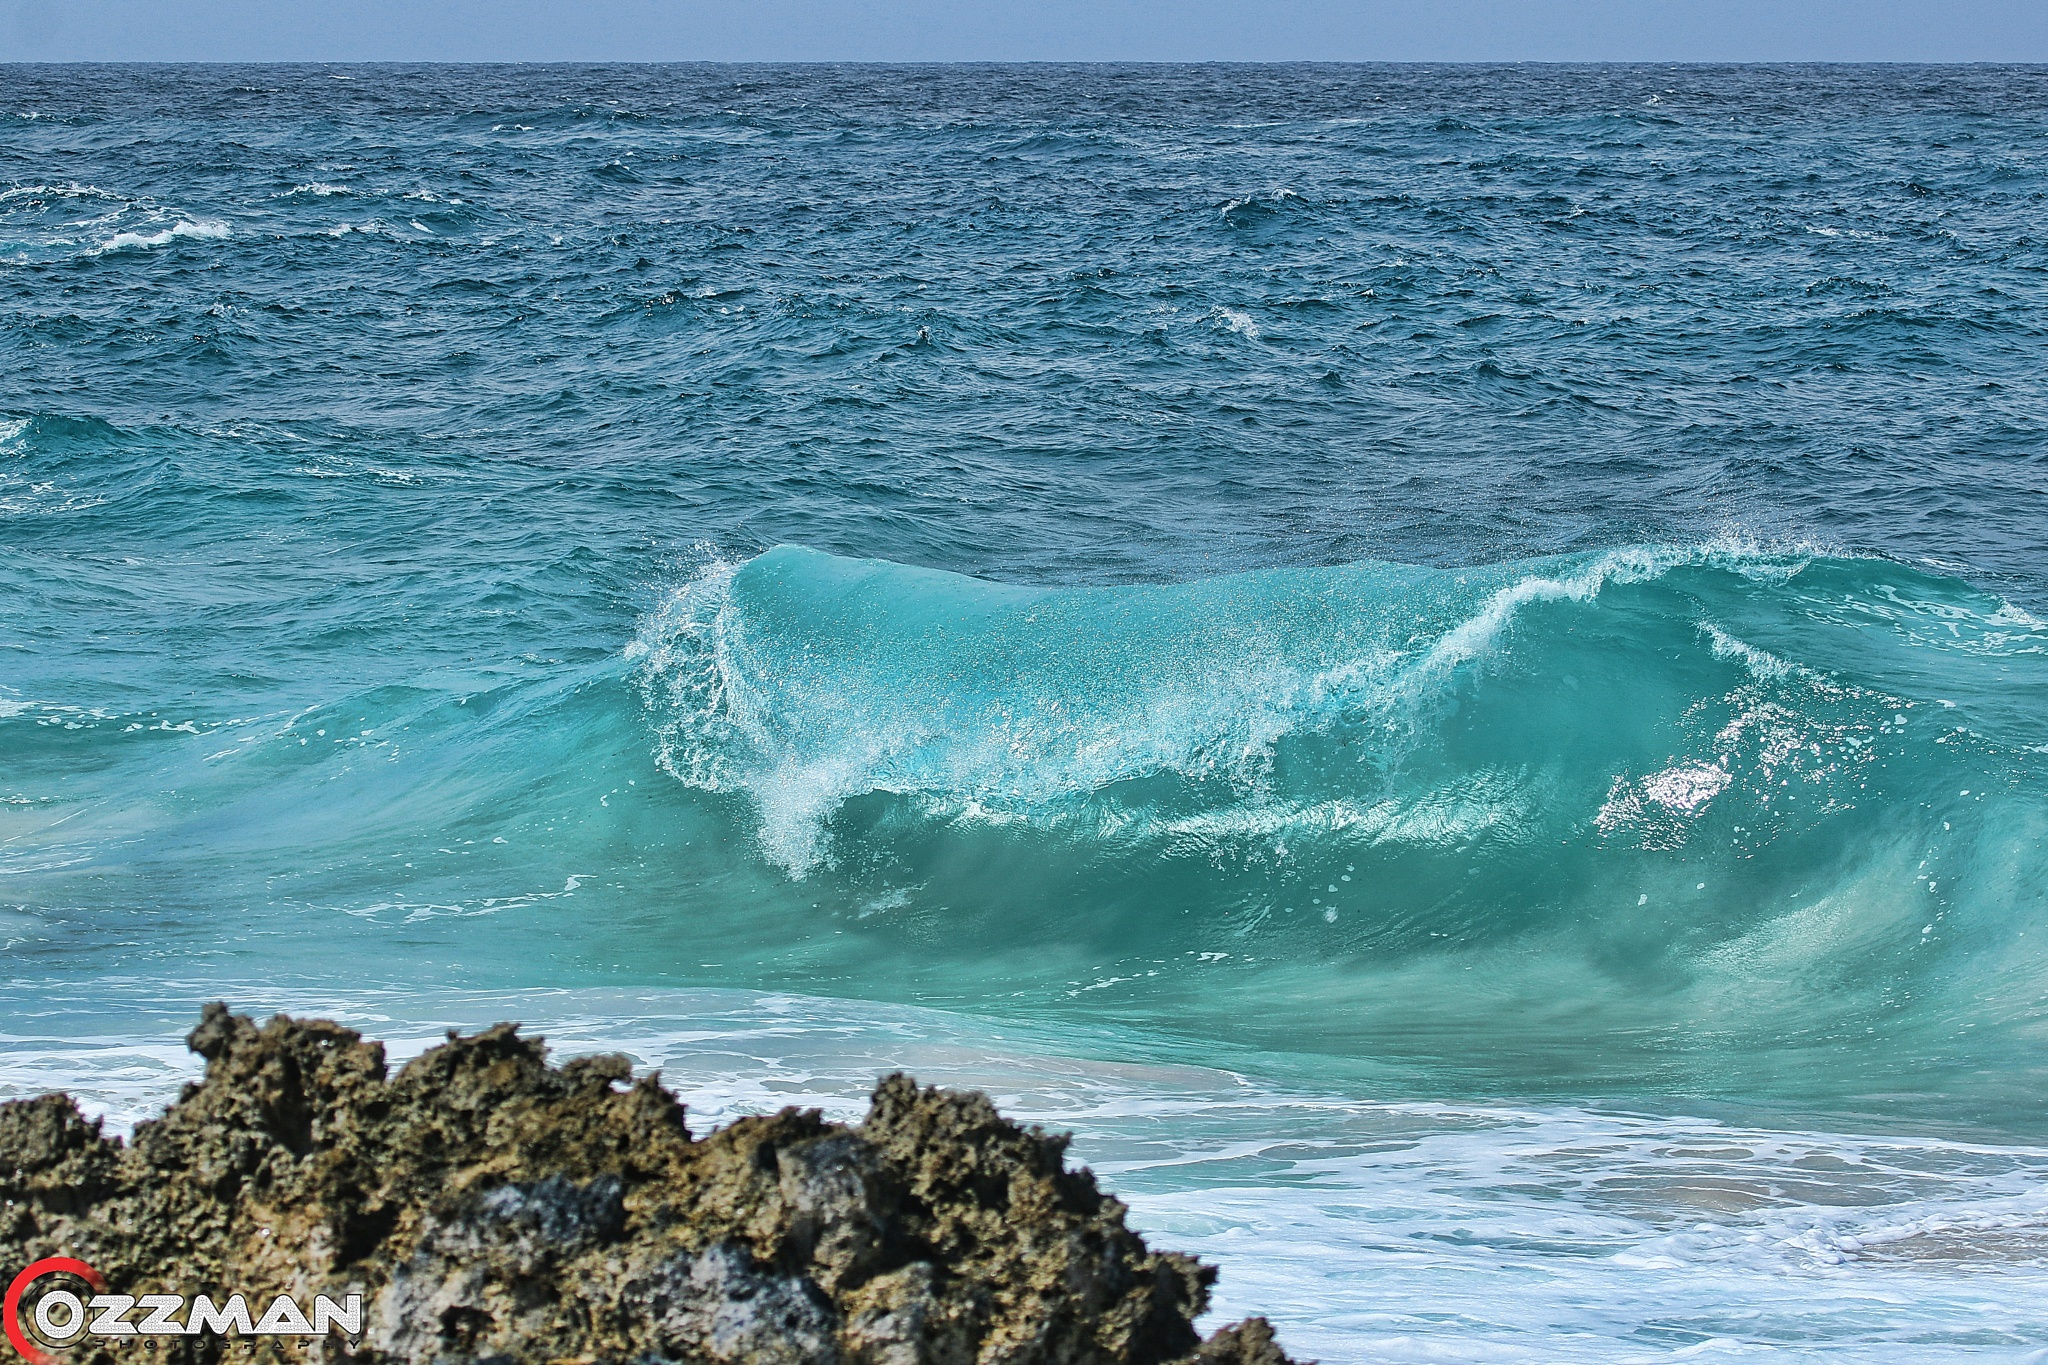 Shore Break by Ozzy Osborne